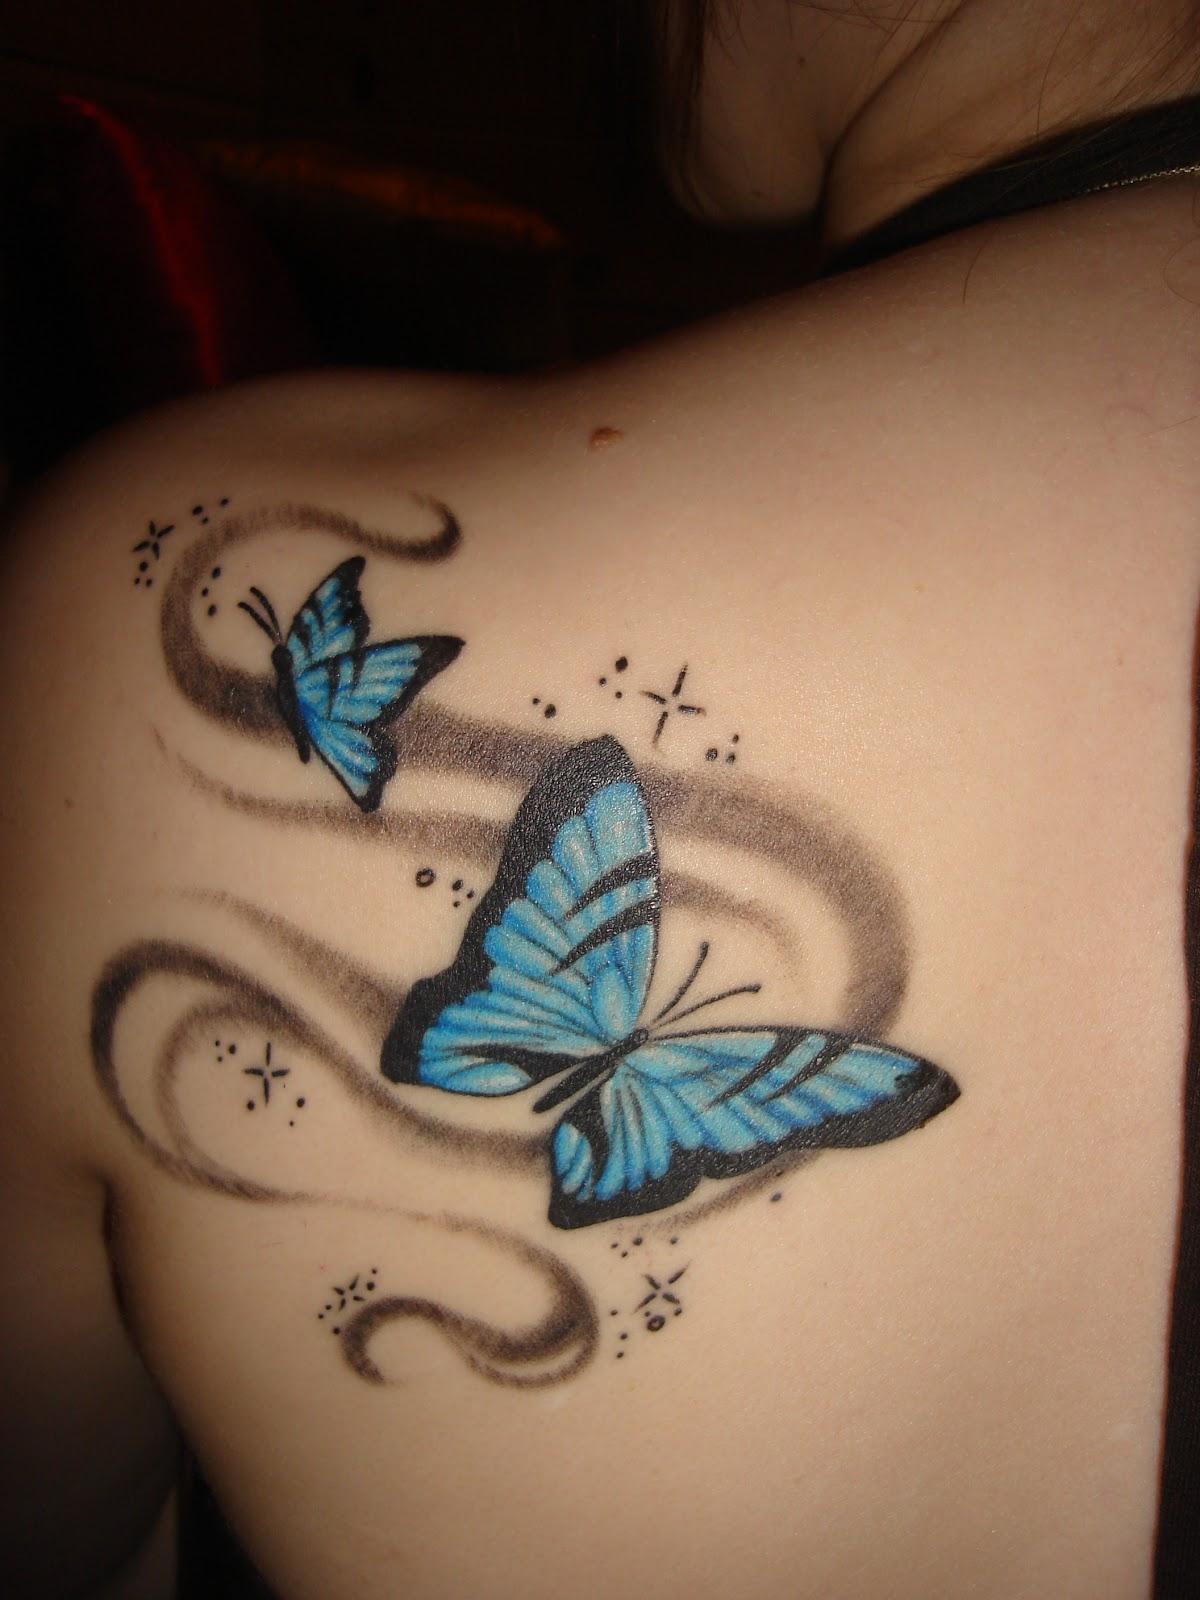 Green Tattoos: Cute Tattoo